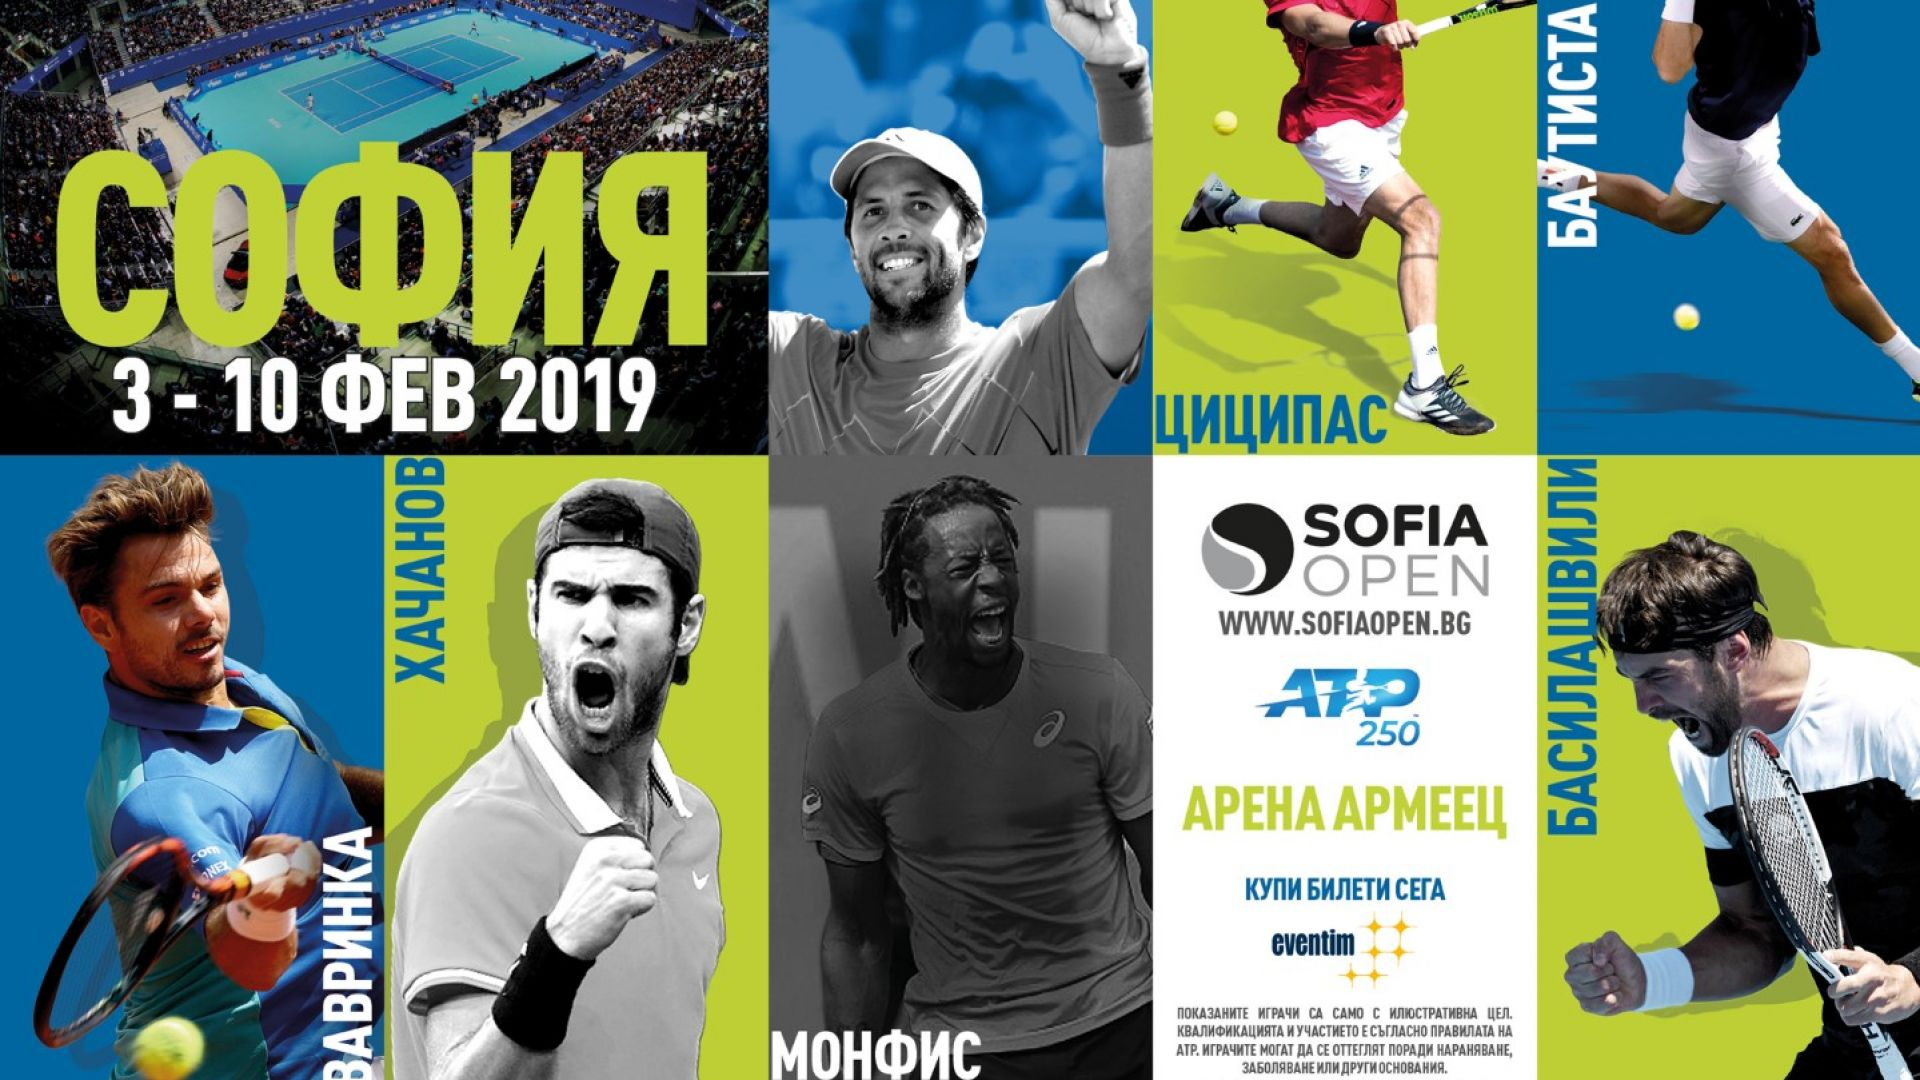 Станаха ясни всички участници на Sofia Open